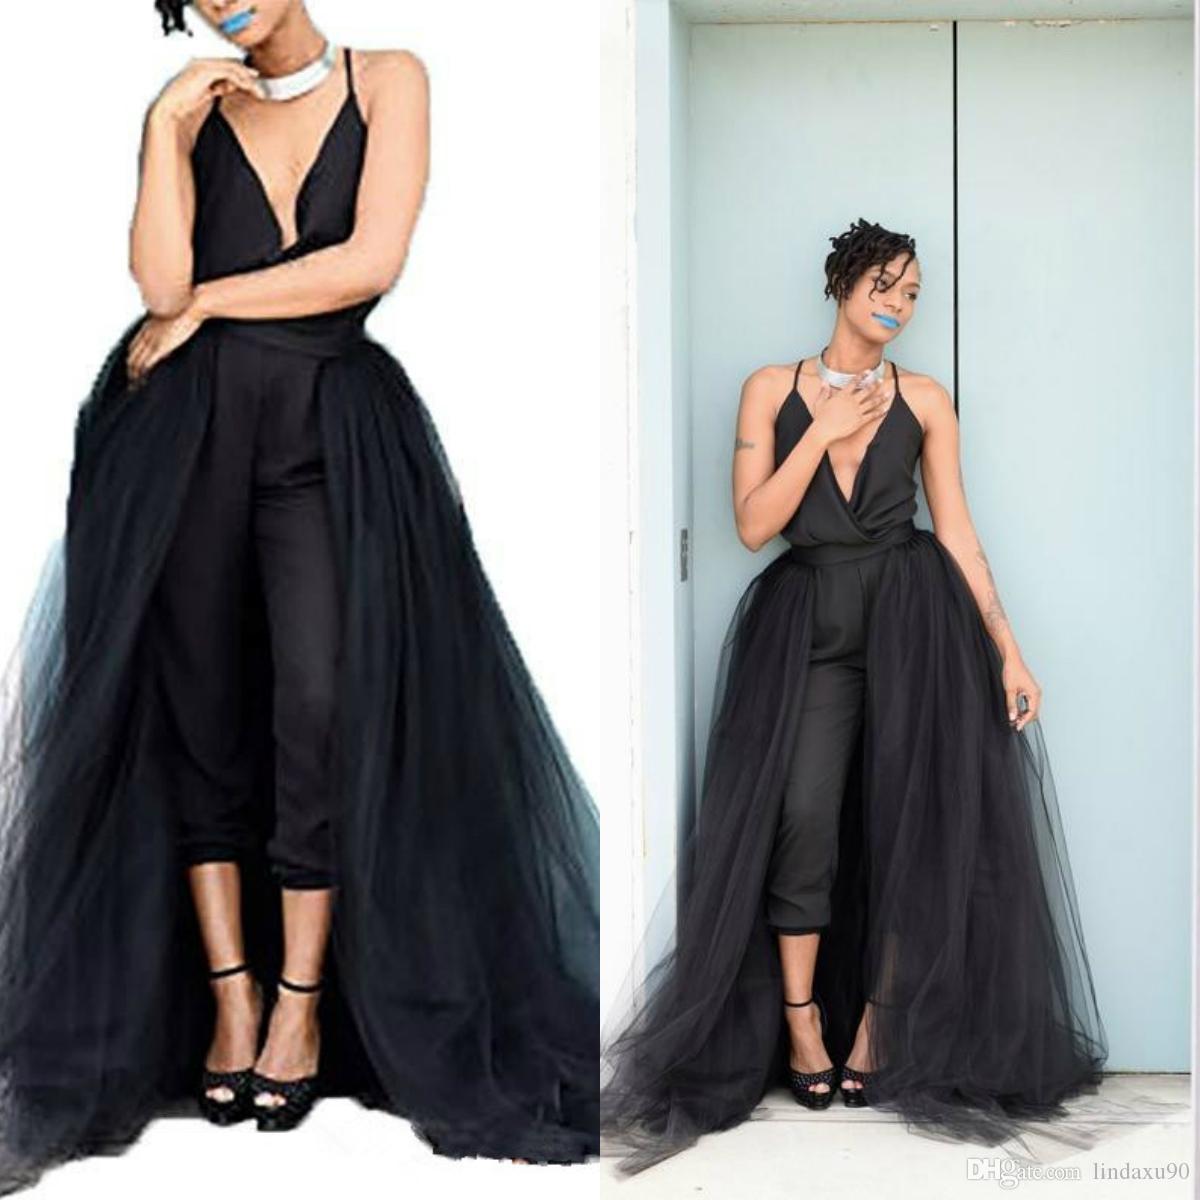 Seksi Siyah 2020 Tulumlar Gelinlik Modelleri ile Ayrılabilir Tren V Yaka Kadın Resmi Giyim Abiye Giyim Kız Afrika vestido